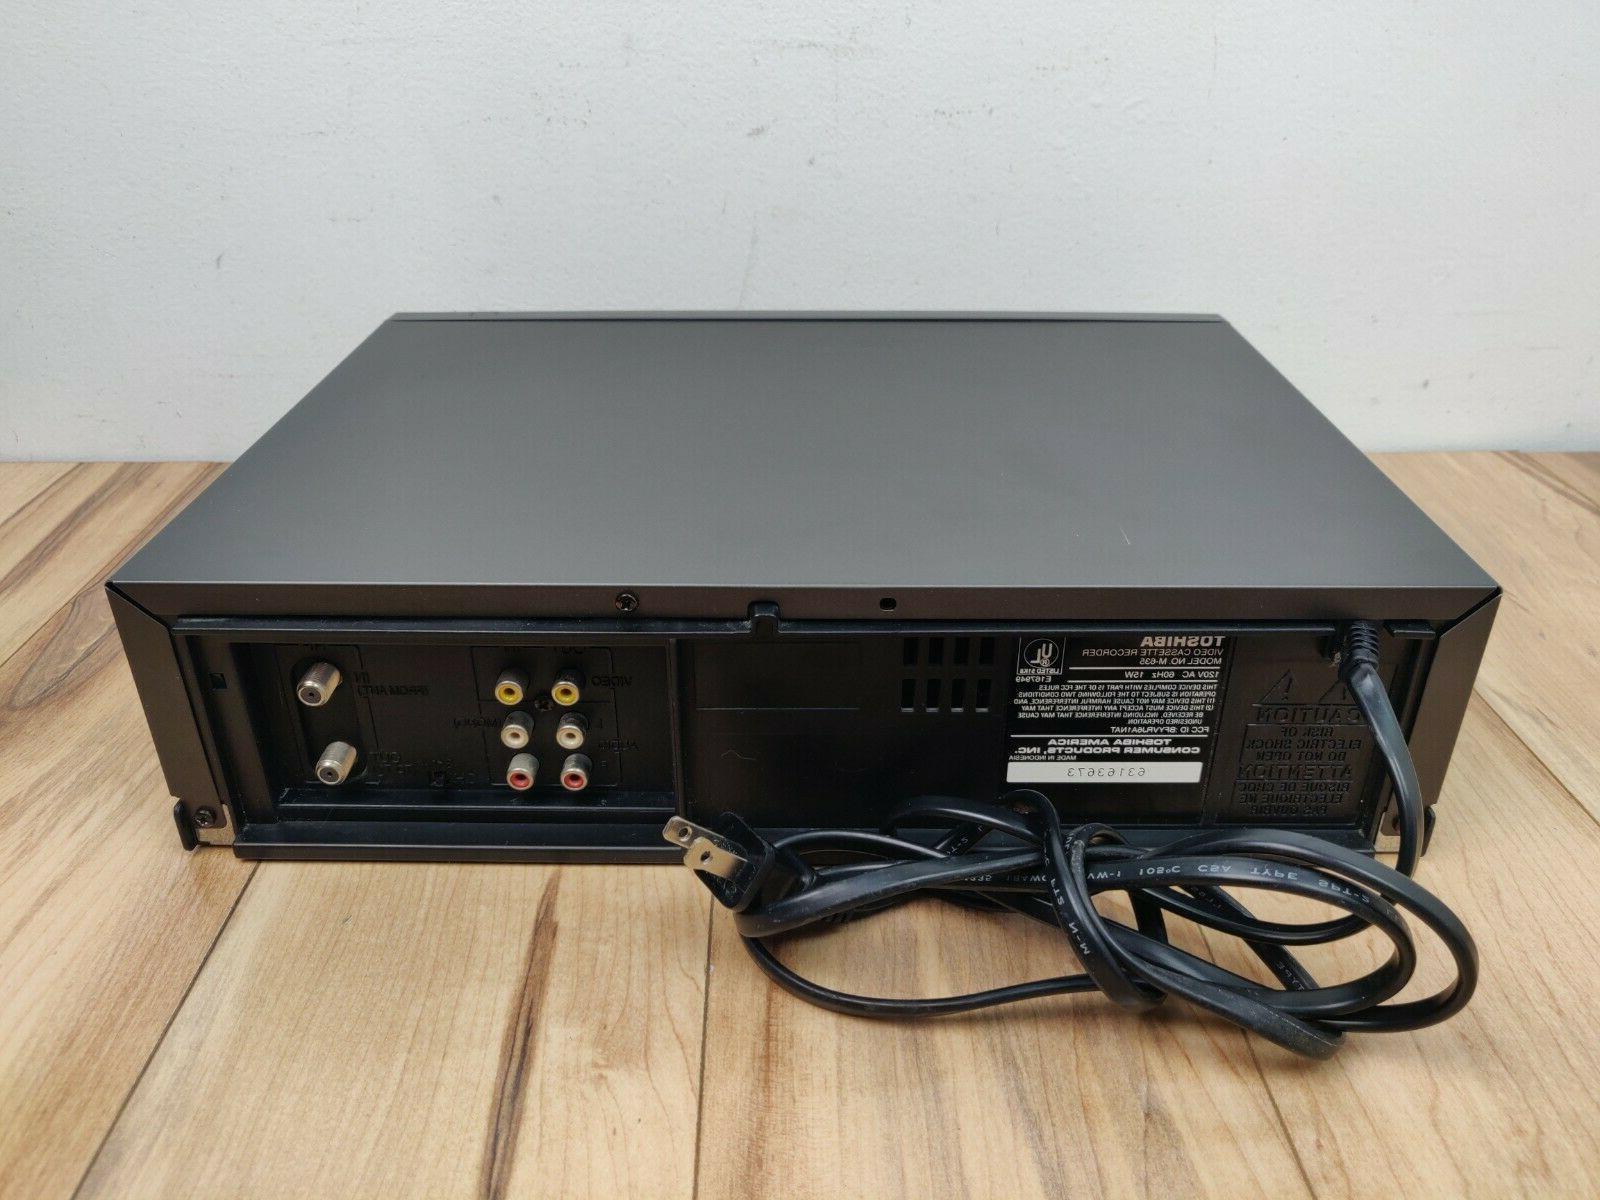 Toshiba M-635 Hi-Fi VHS VCR Player Tested